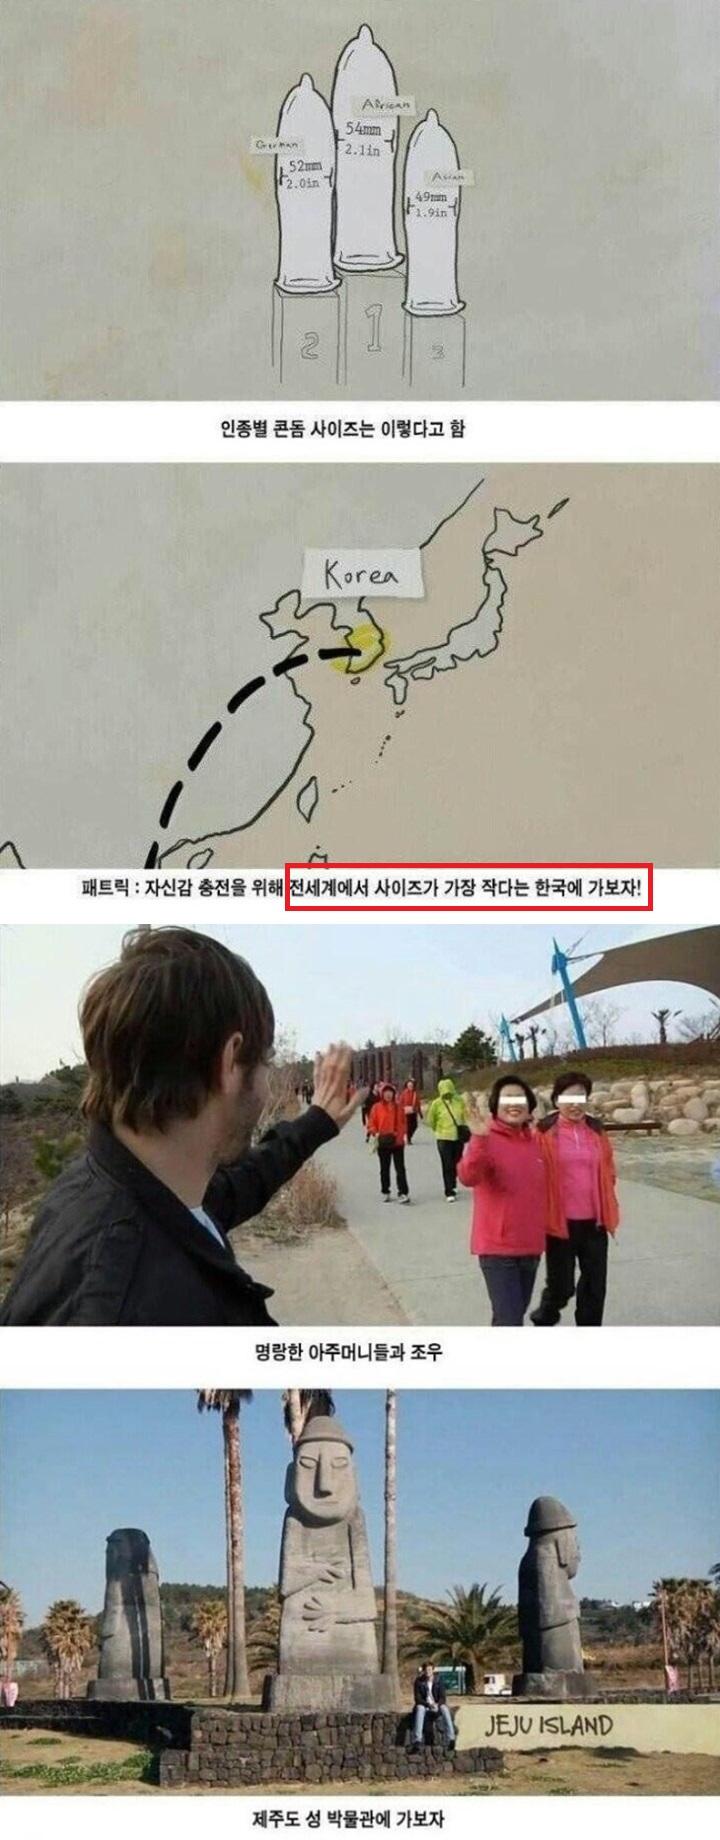 남자의 가치 한국